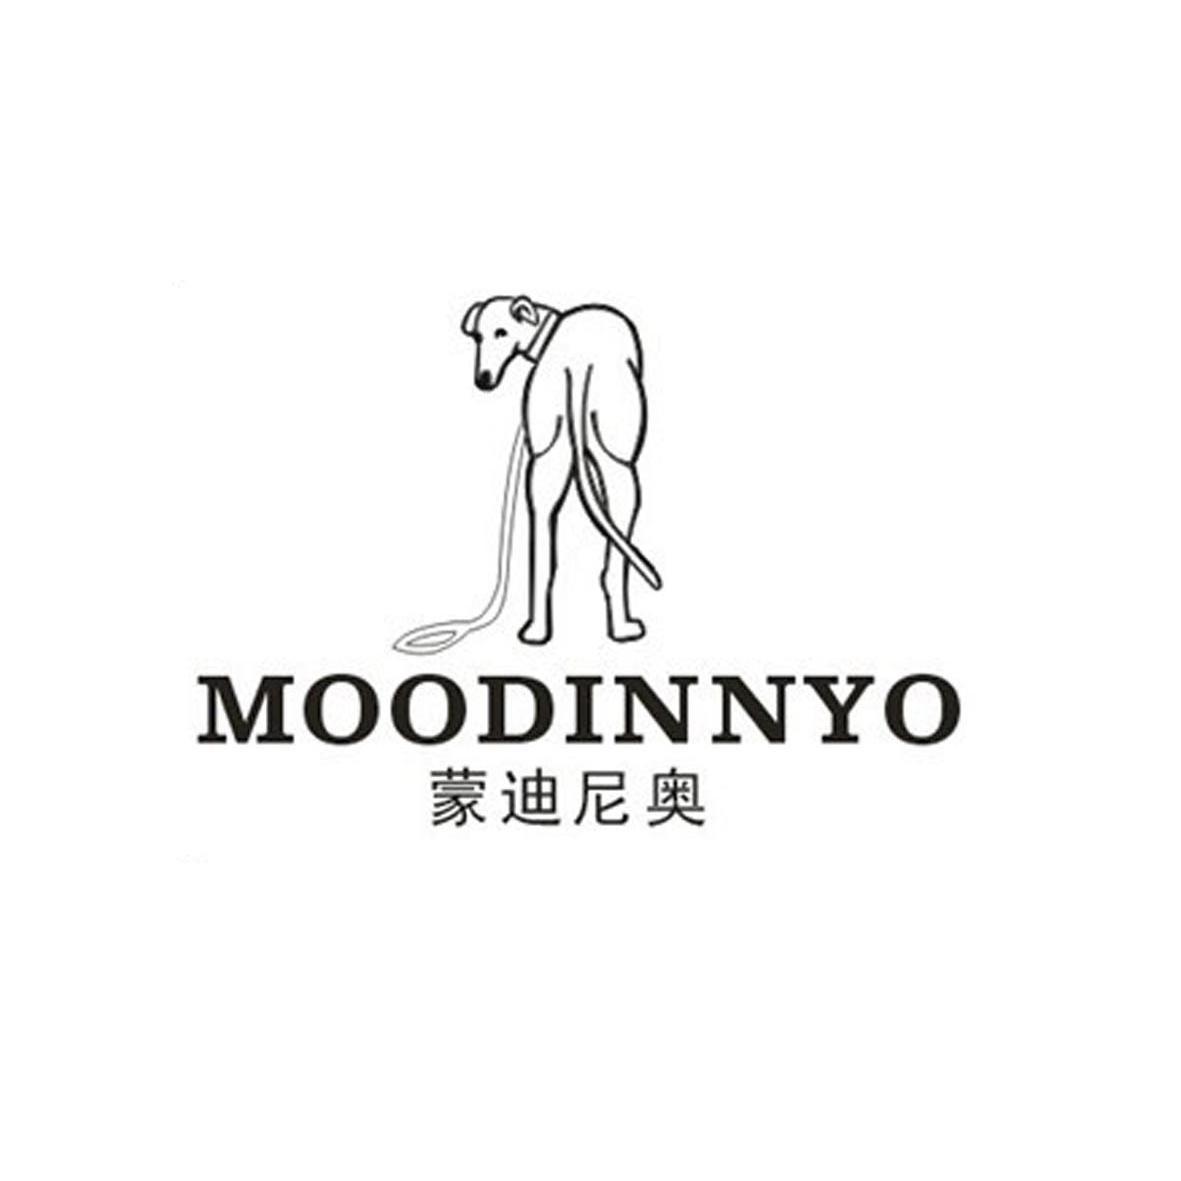 蒙迪尼奥 MOODINNYO